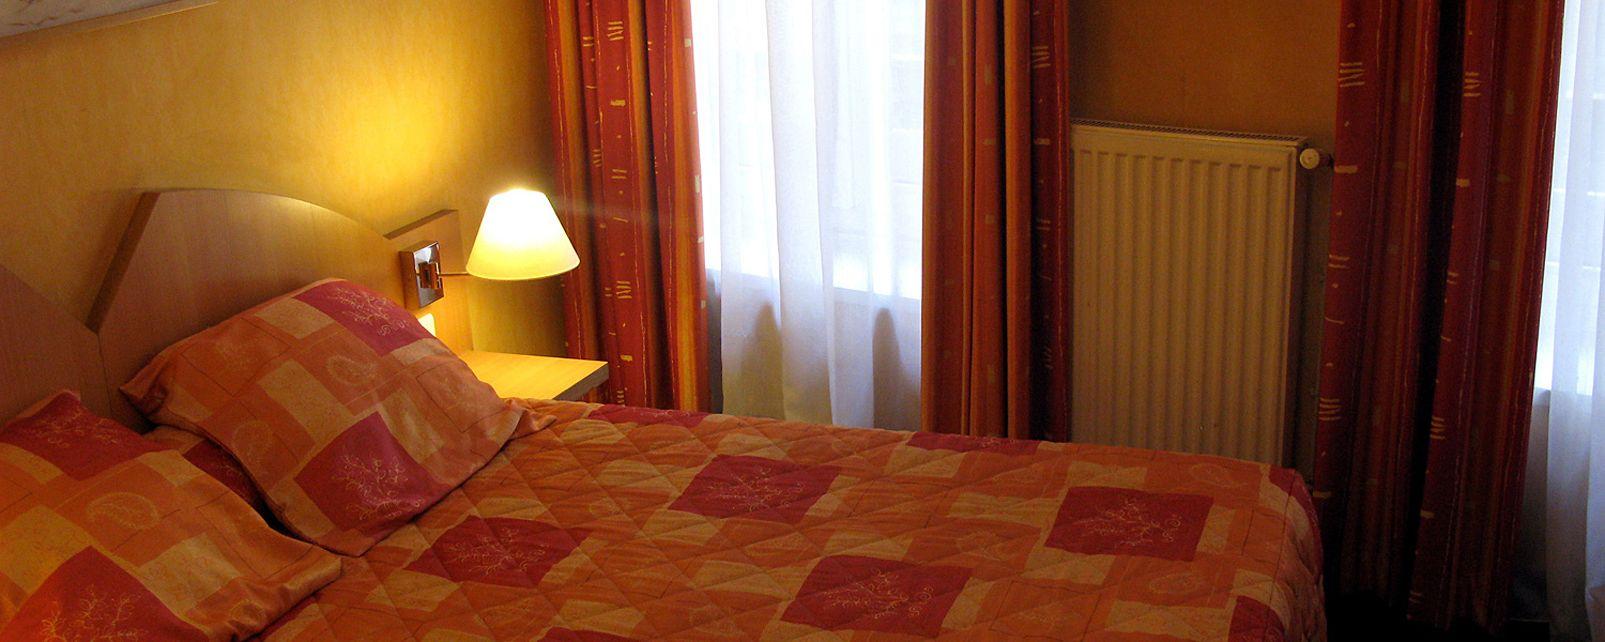 Hotel Grand Hotel Du Calvados